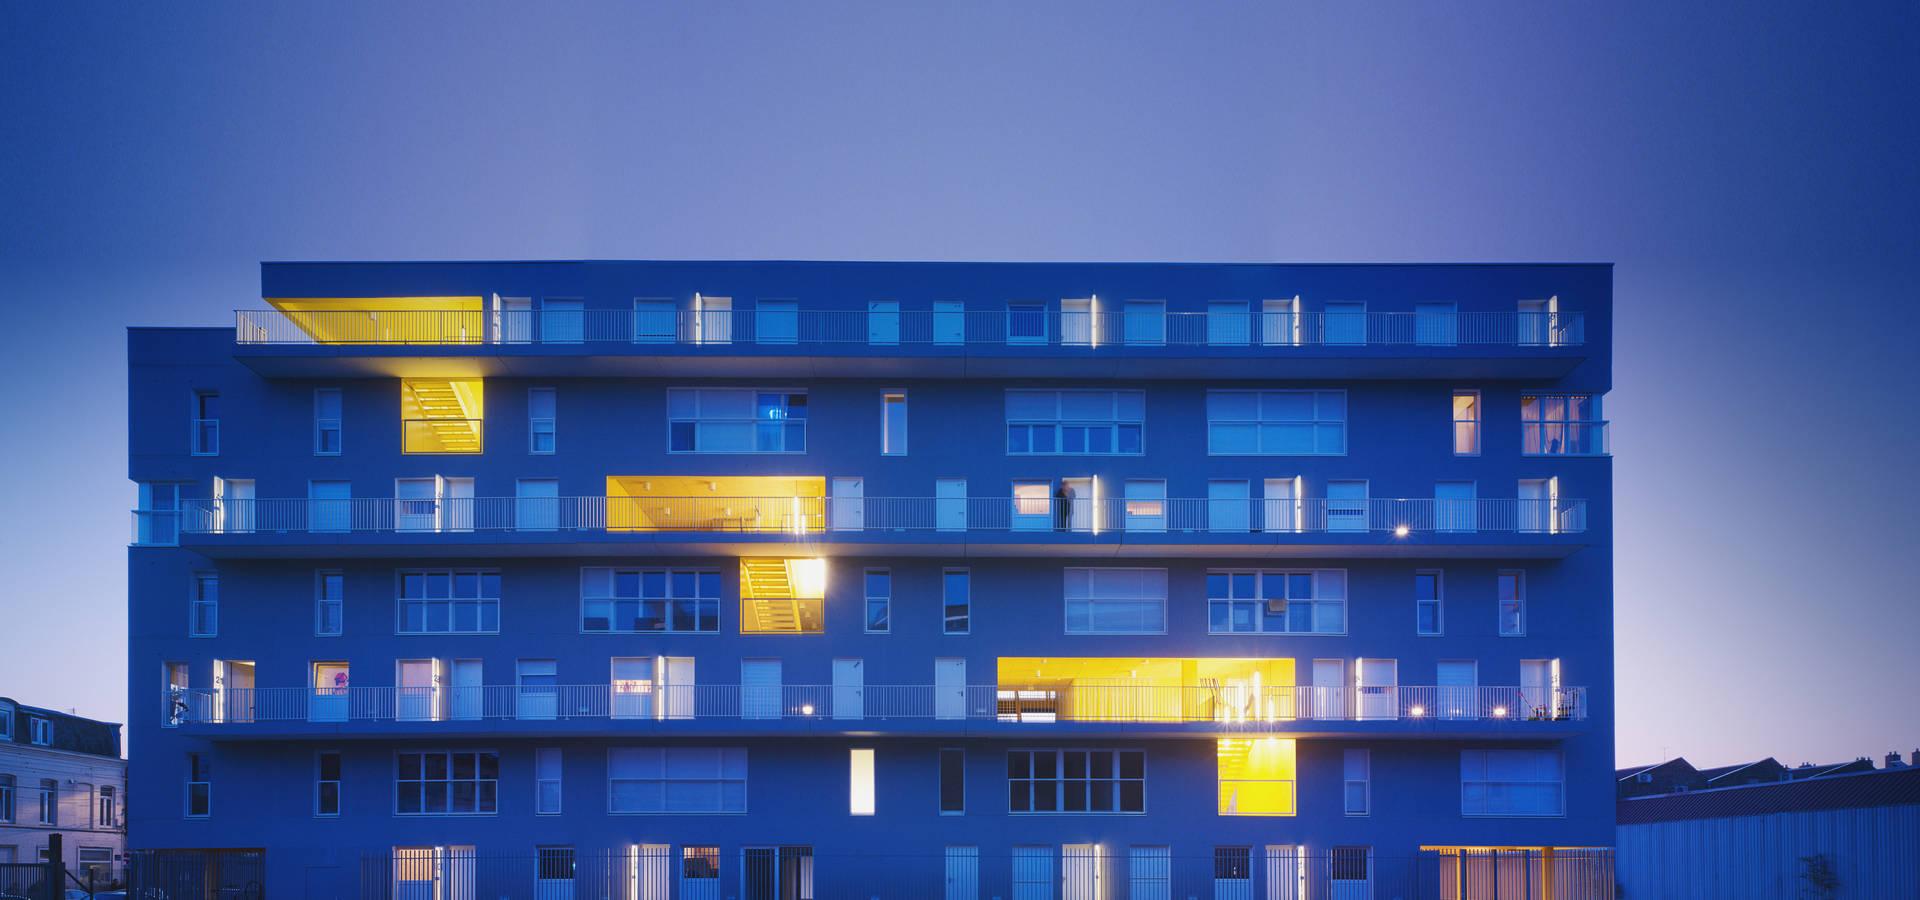 machu picchu 53 logements et espaces partag s r sidence jeanne leclercq lille de sophie. Black Bedroom Furniture Sets. Home Design Ideas